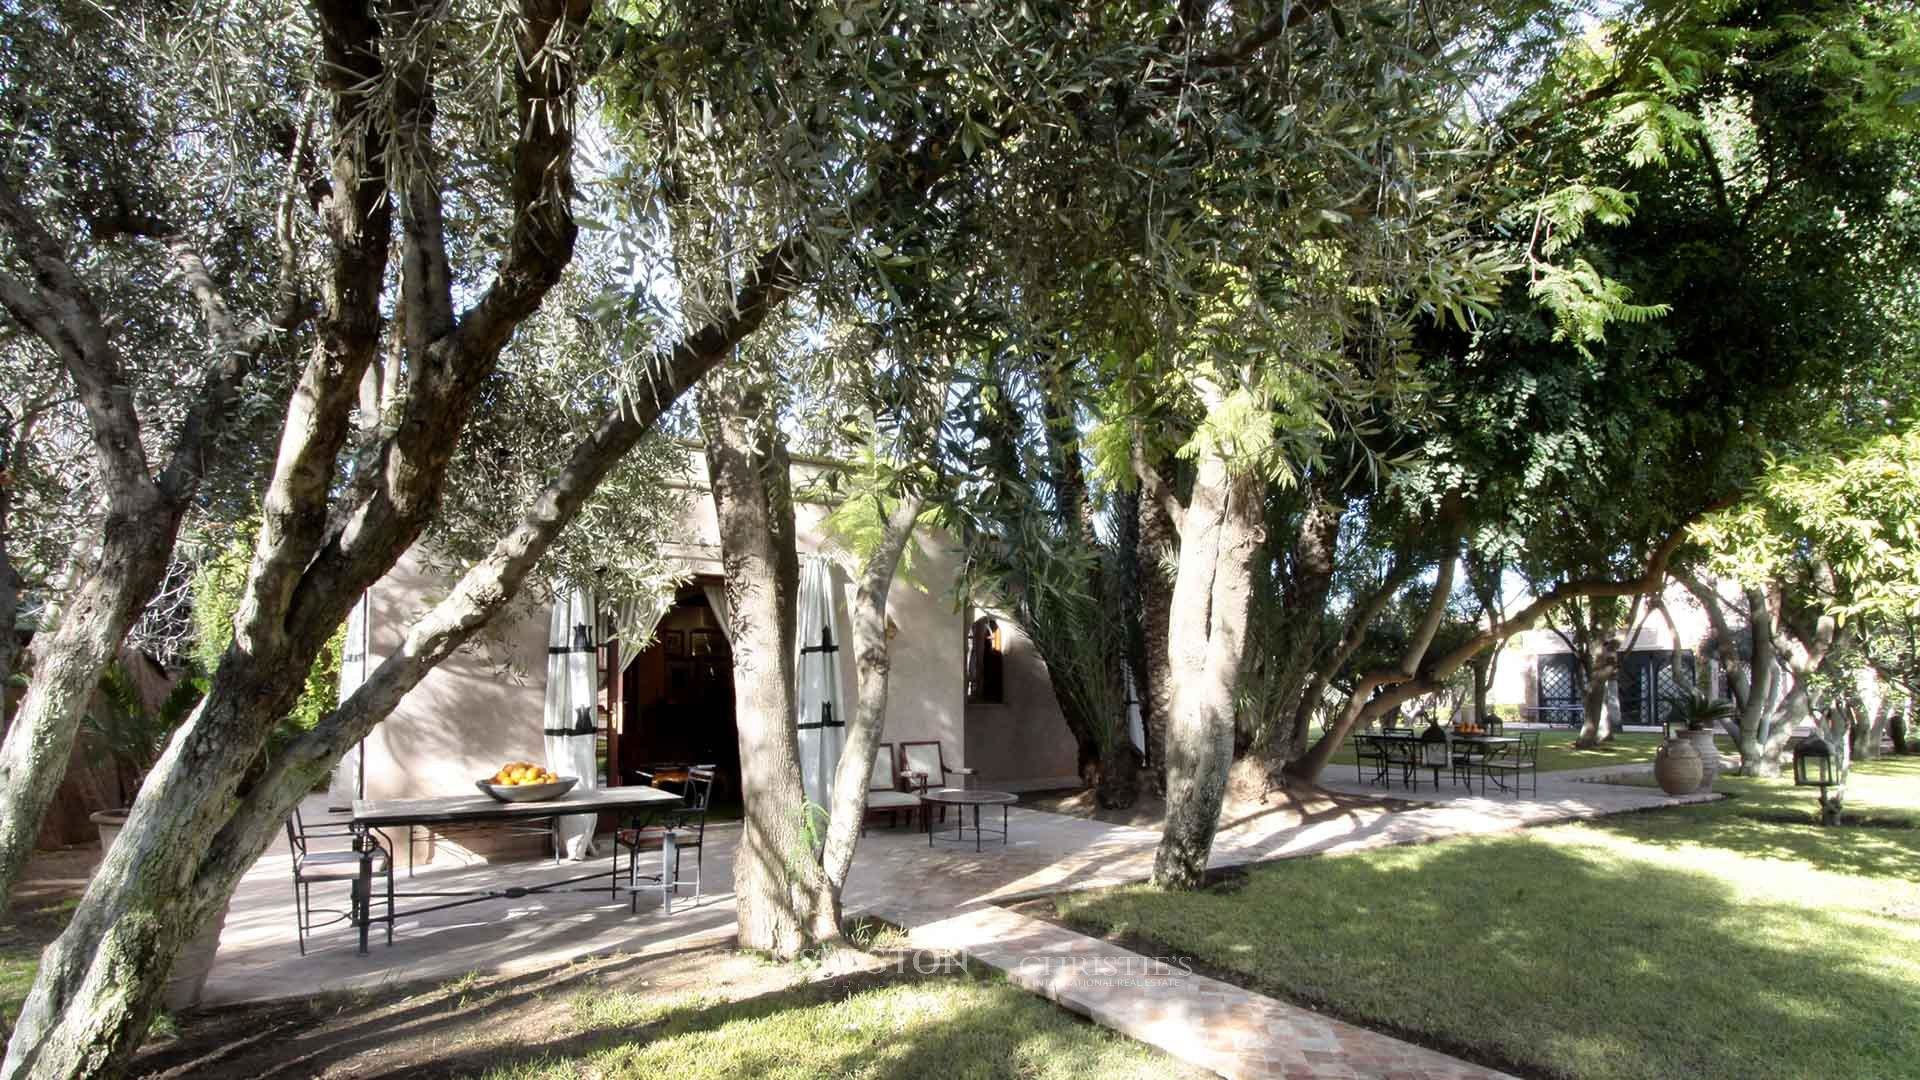 KPPM01006: Villa Ezzar Villa de luxe Marrakech Maroc